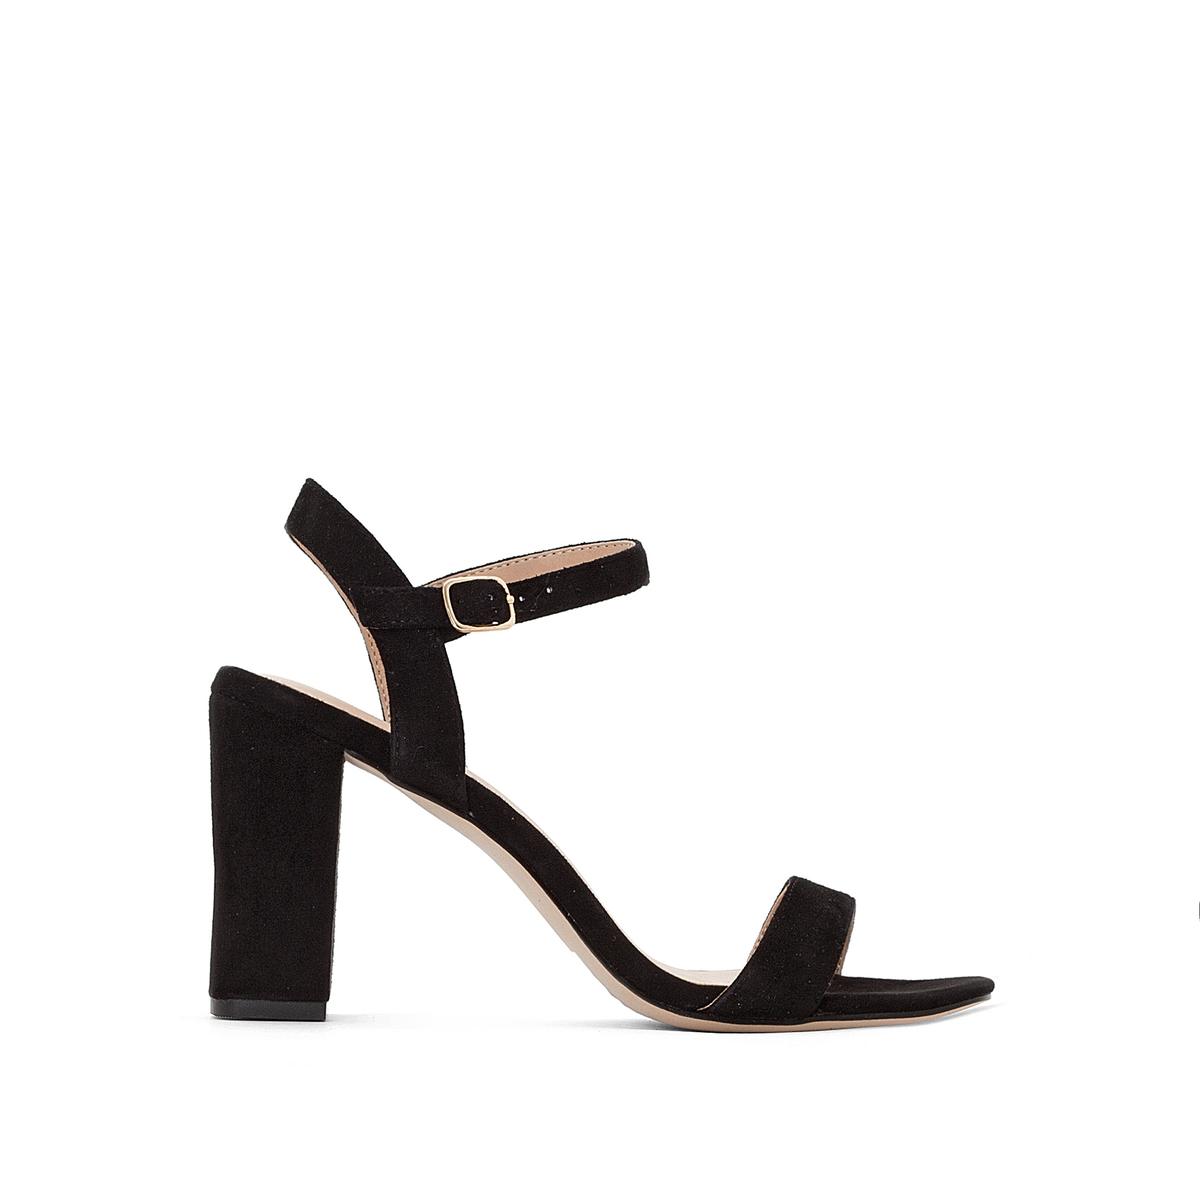 Босоножки из велюровой кожи на каблуке Gisele цены онлайн